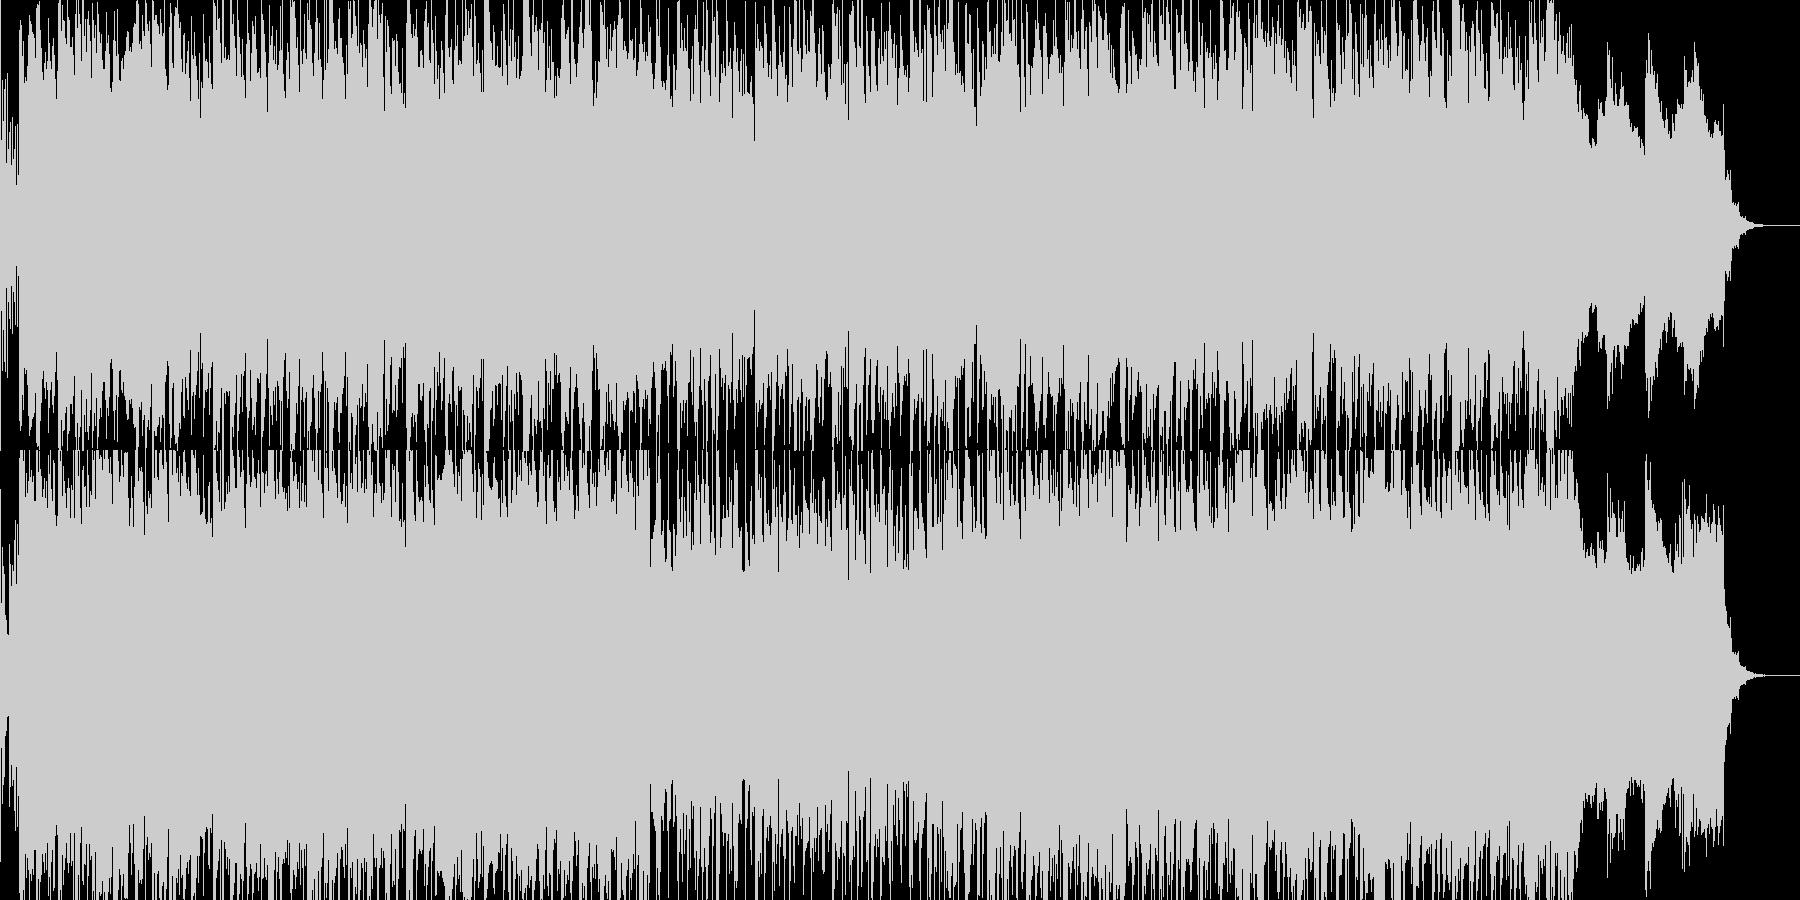 フュージョン風明るいポップス04の未再生の波形